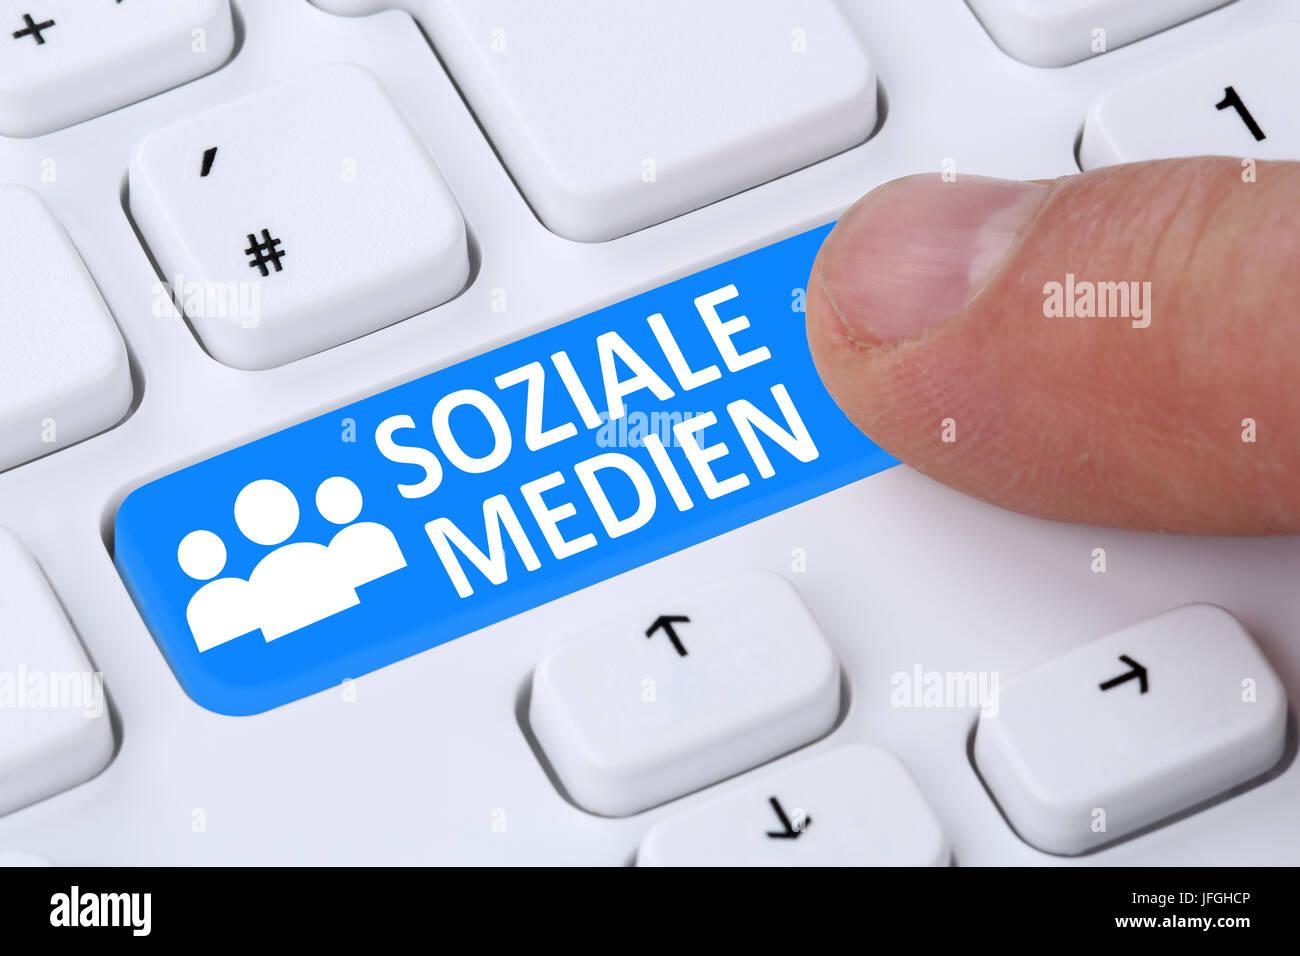 Soziale Netzwerke und Medien Button drücken Freundschaft online im Internet - Stock Image